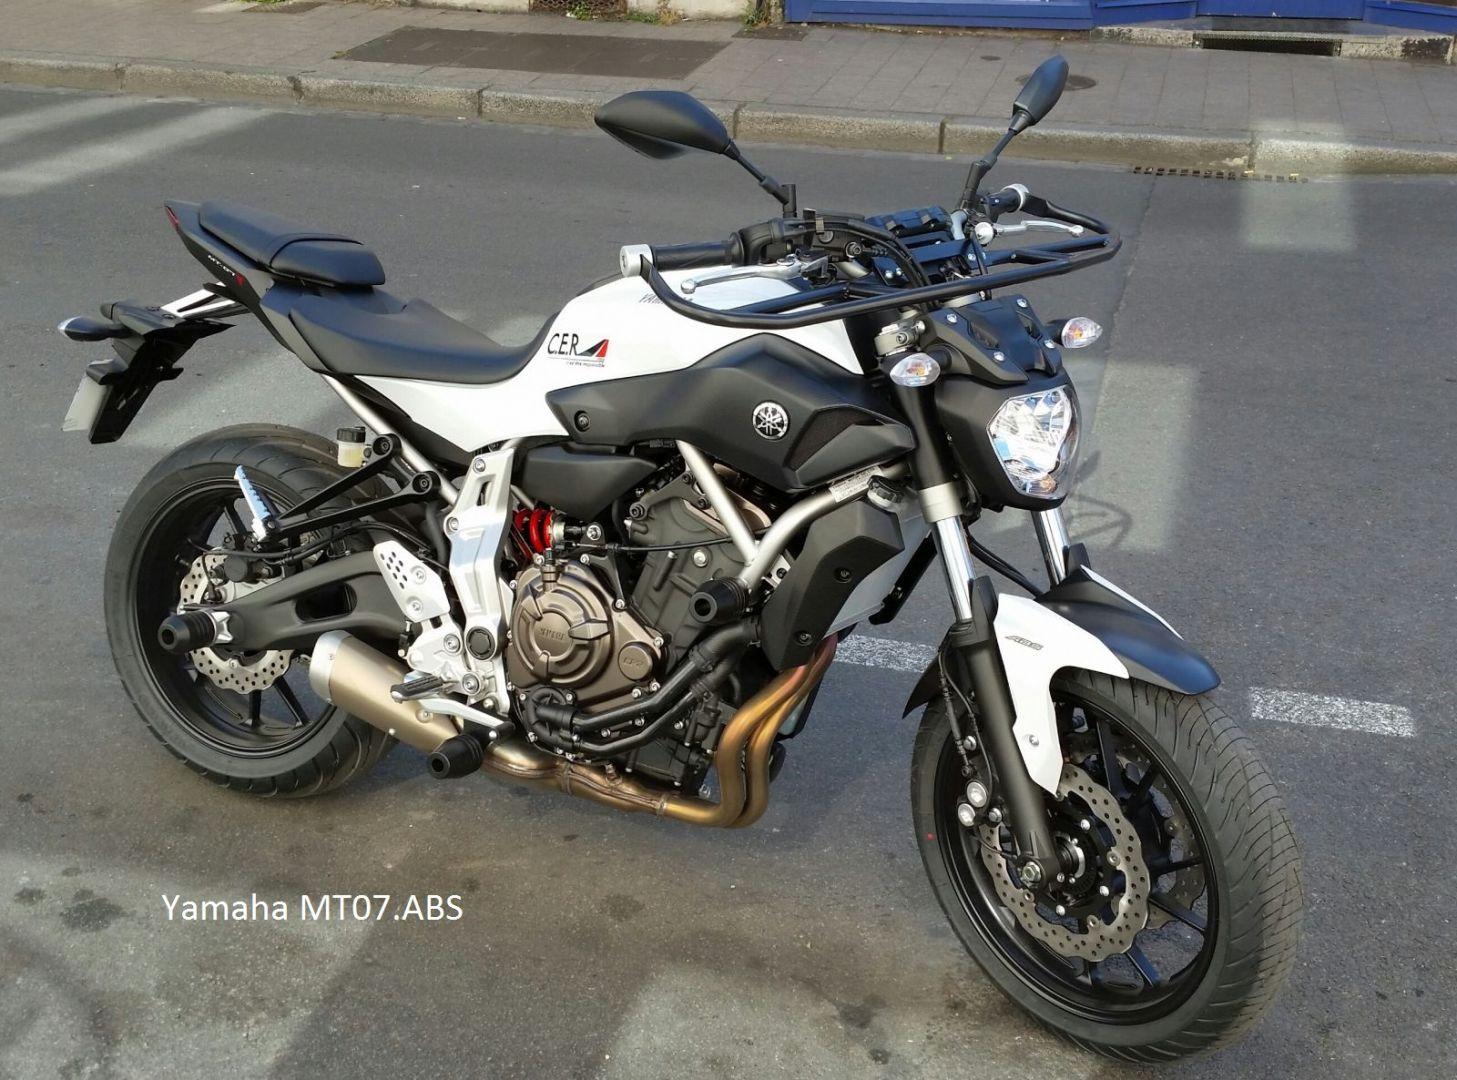 Yamaha MT07.ABS